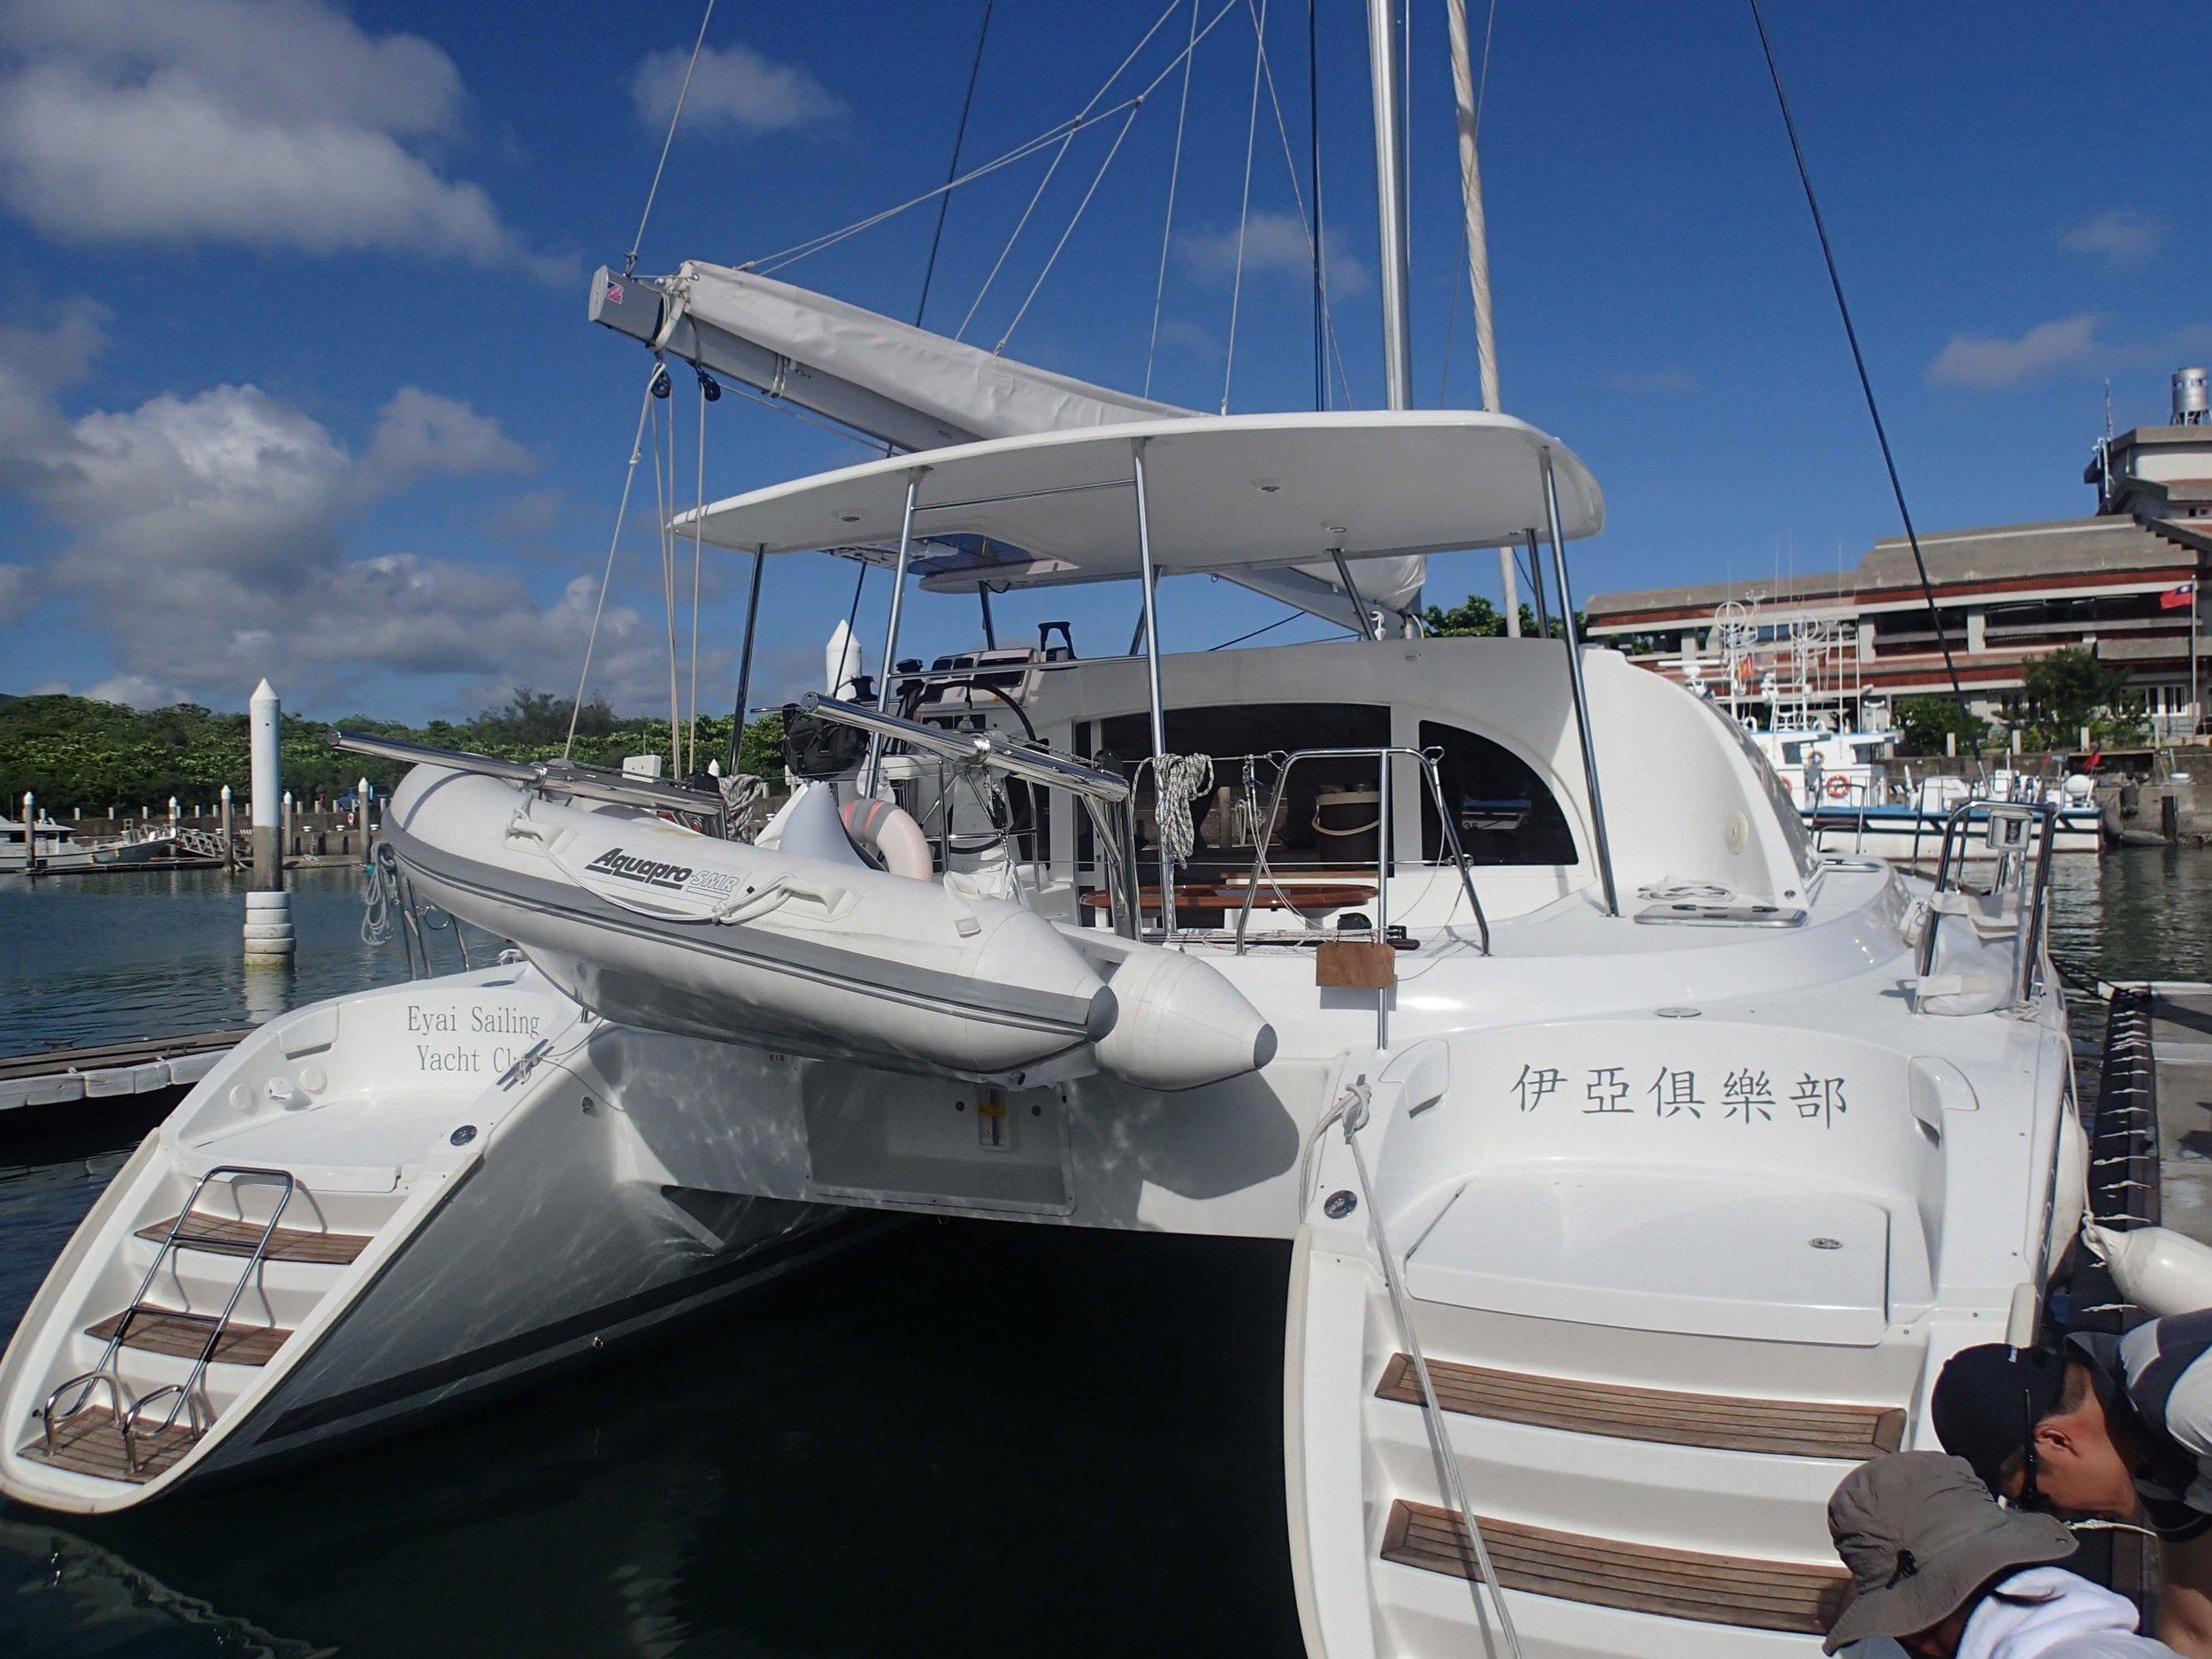 Eyai Sailing Yacht Club.jpg